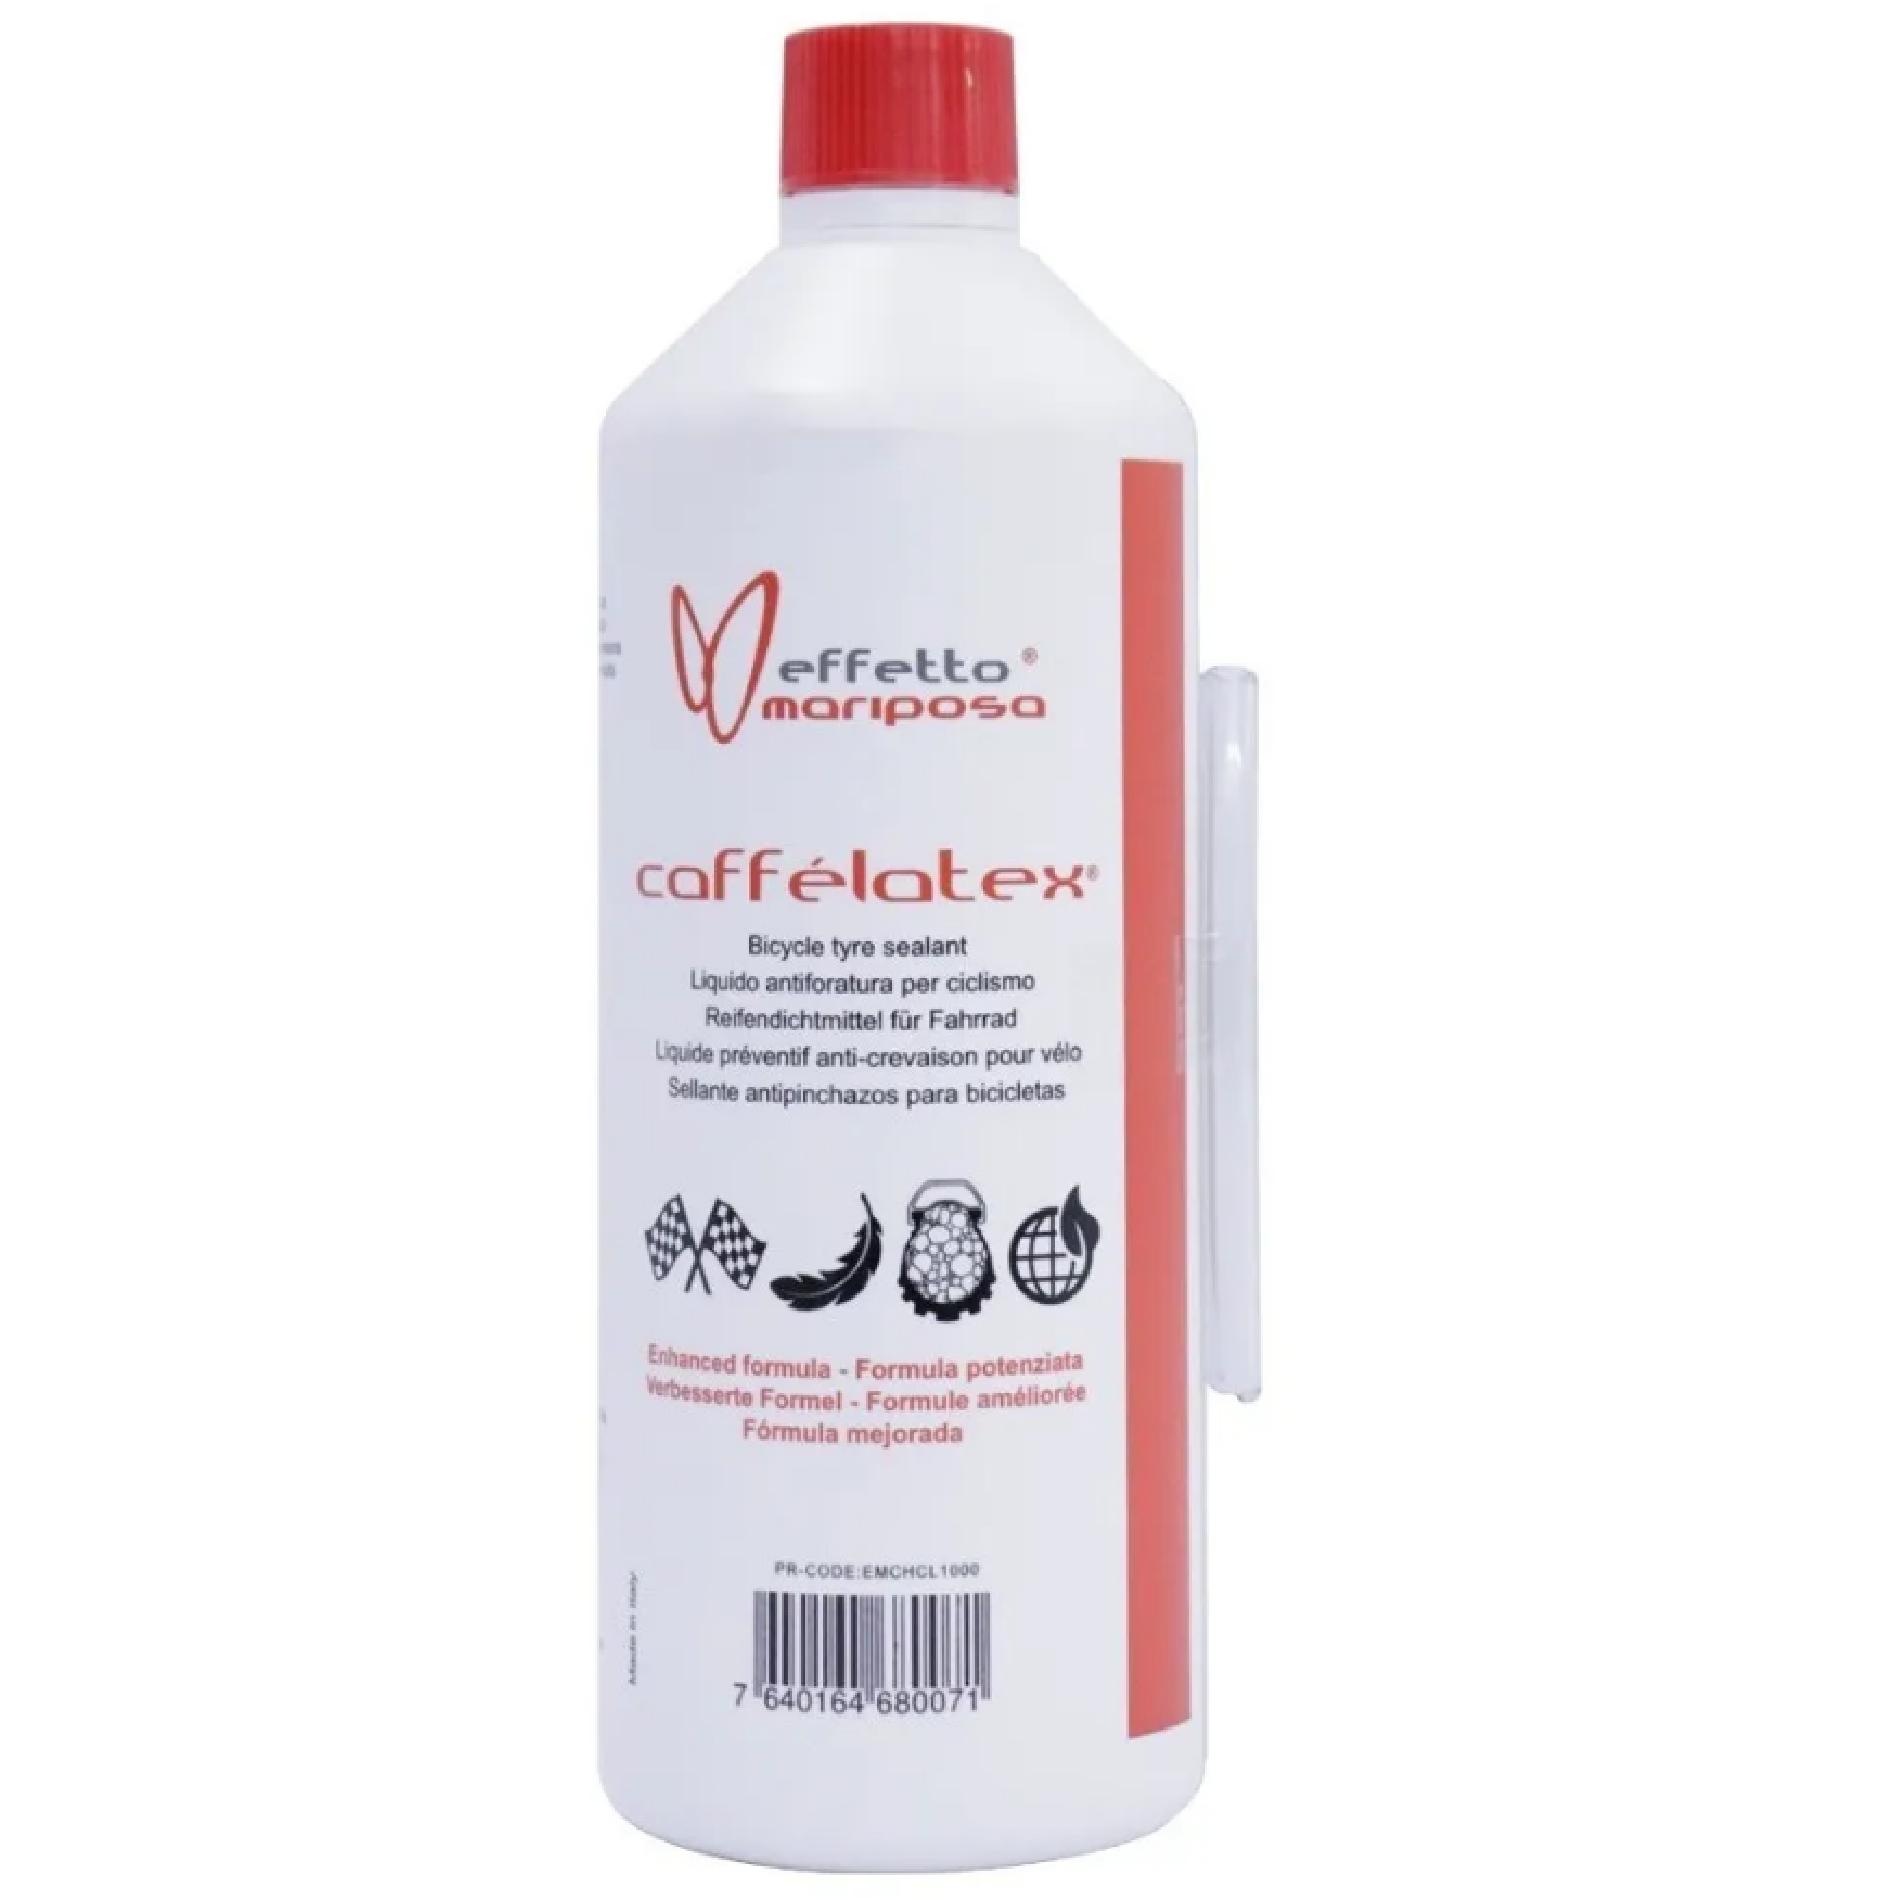 Selante Caffelatex Effetto Mariposa 1 Litro